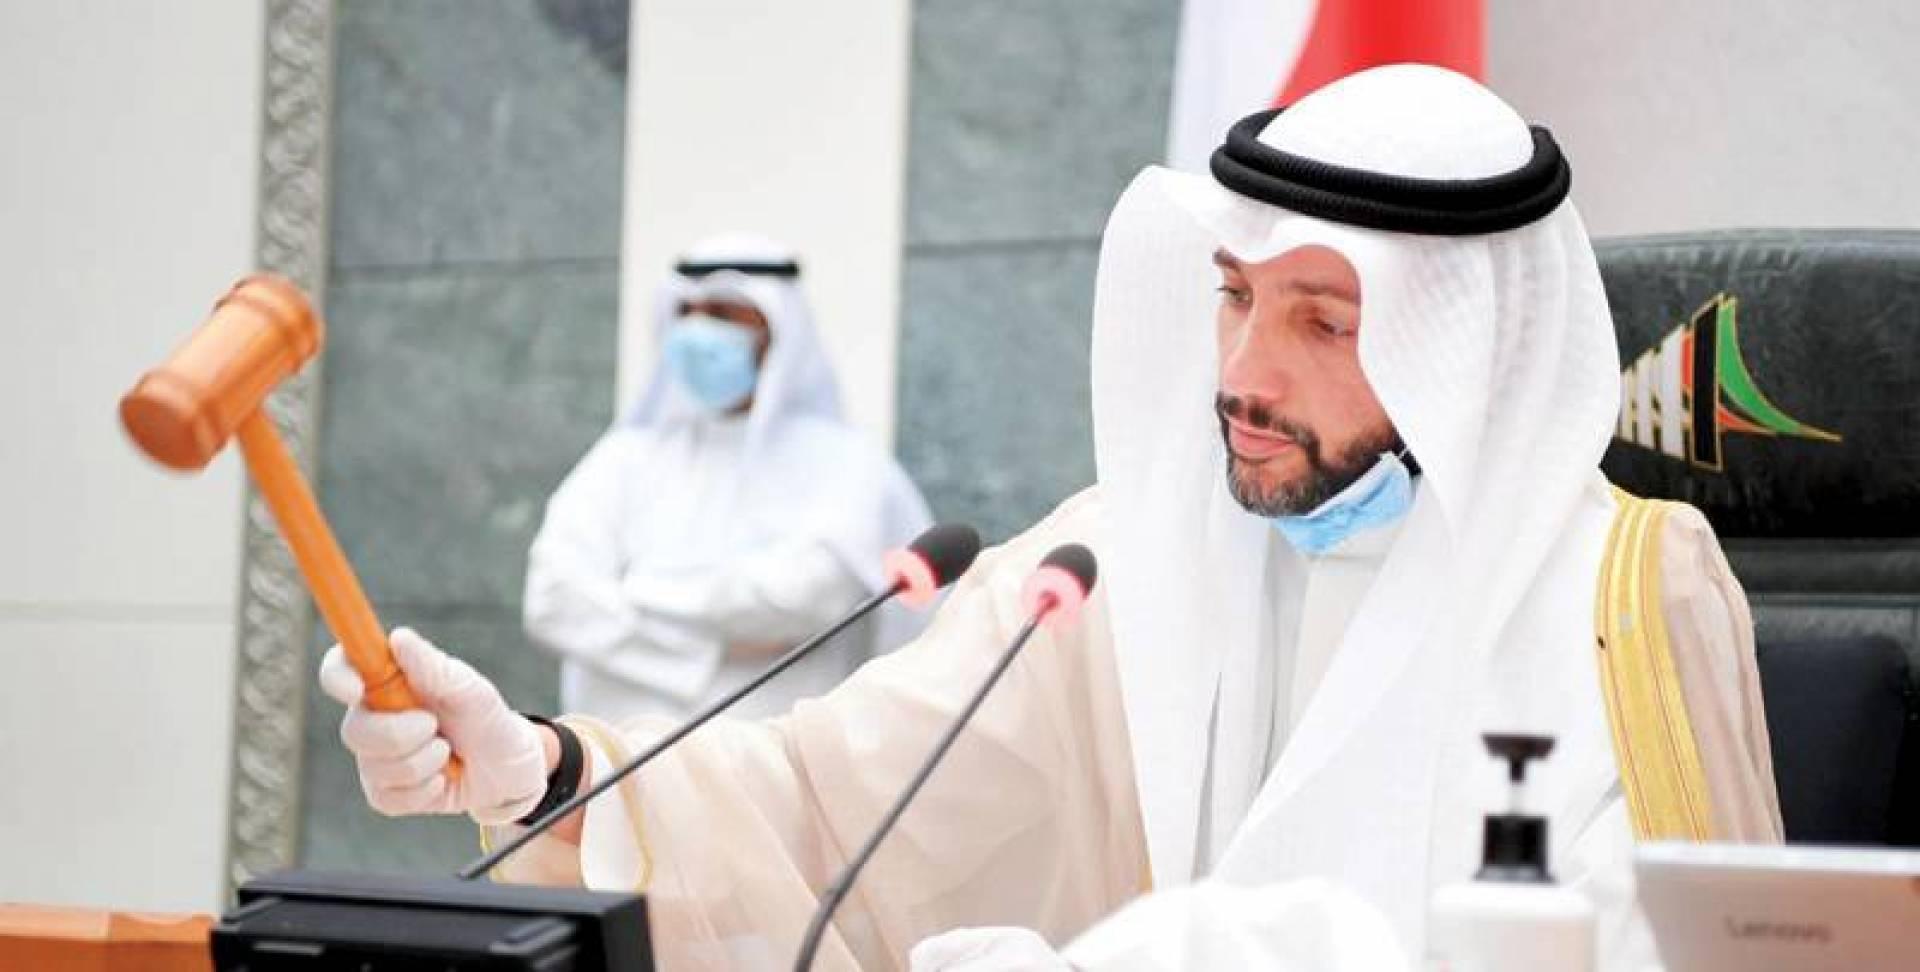 الغانم معلناً رفع الجلسة أمس لعدم اكتمال النصاب وغياب الحكومة